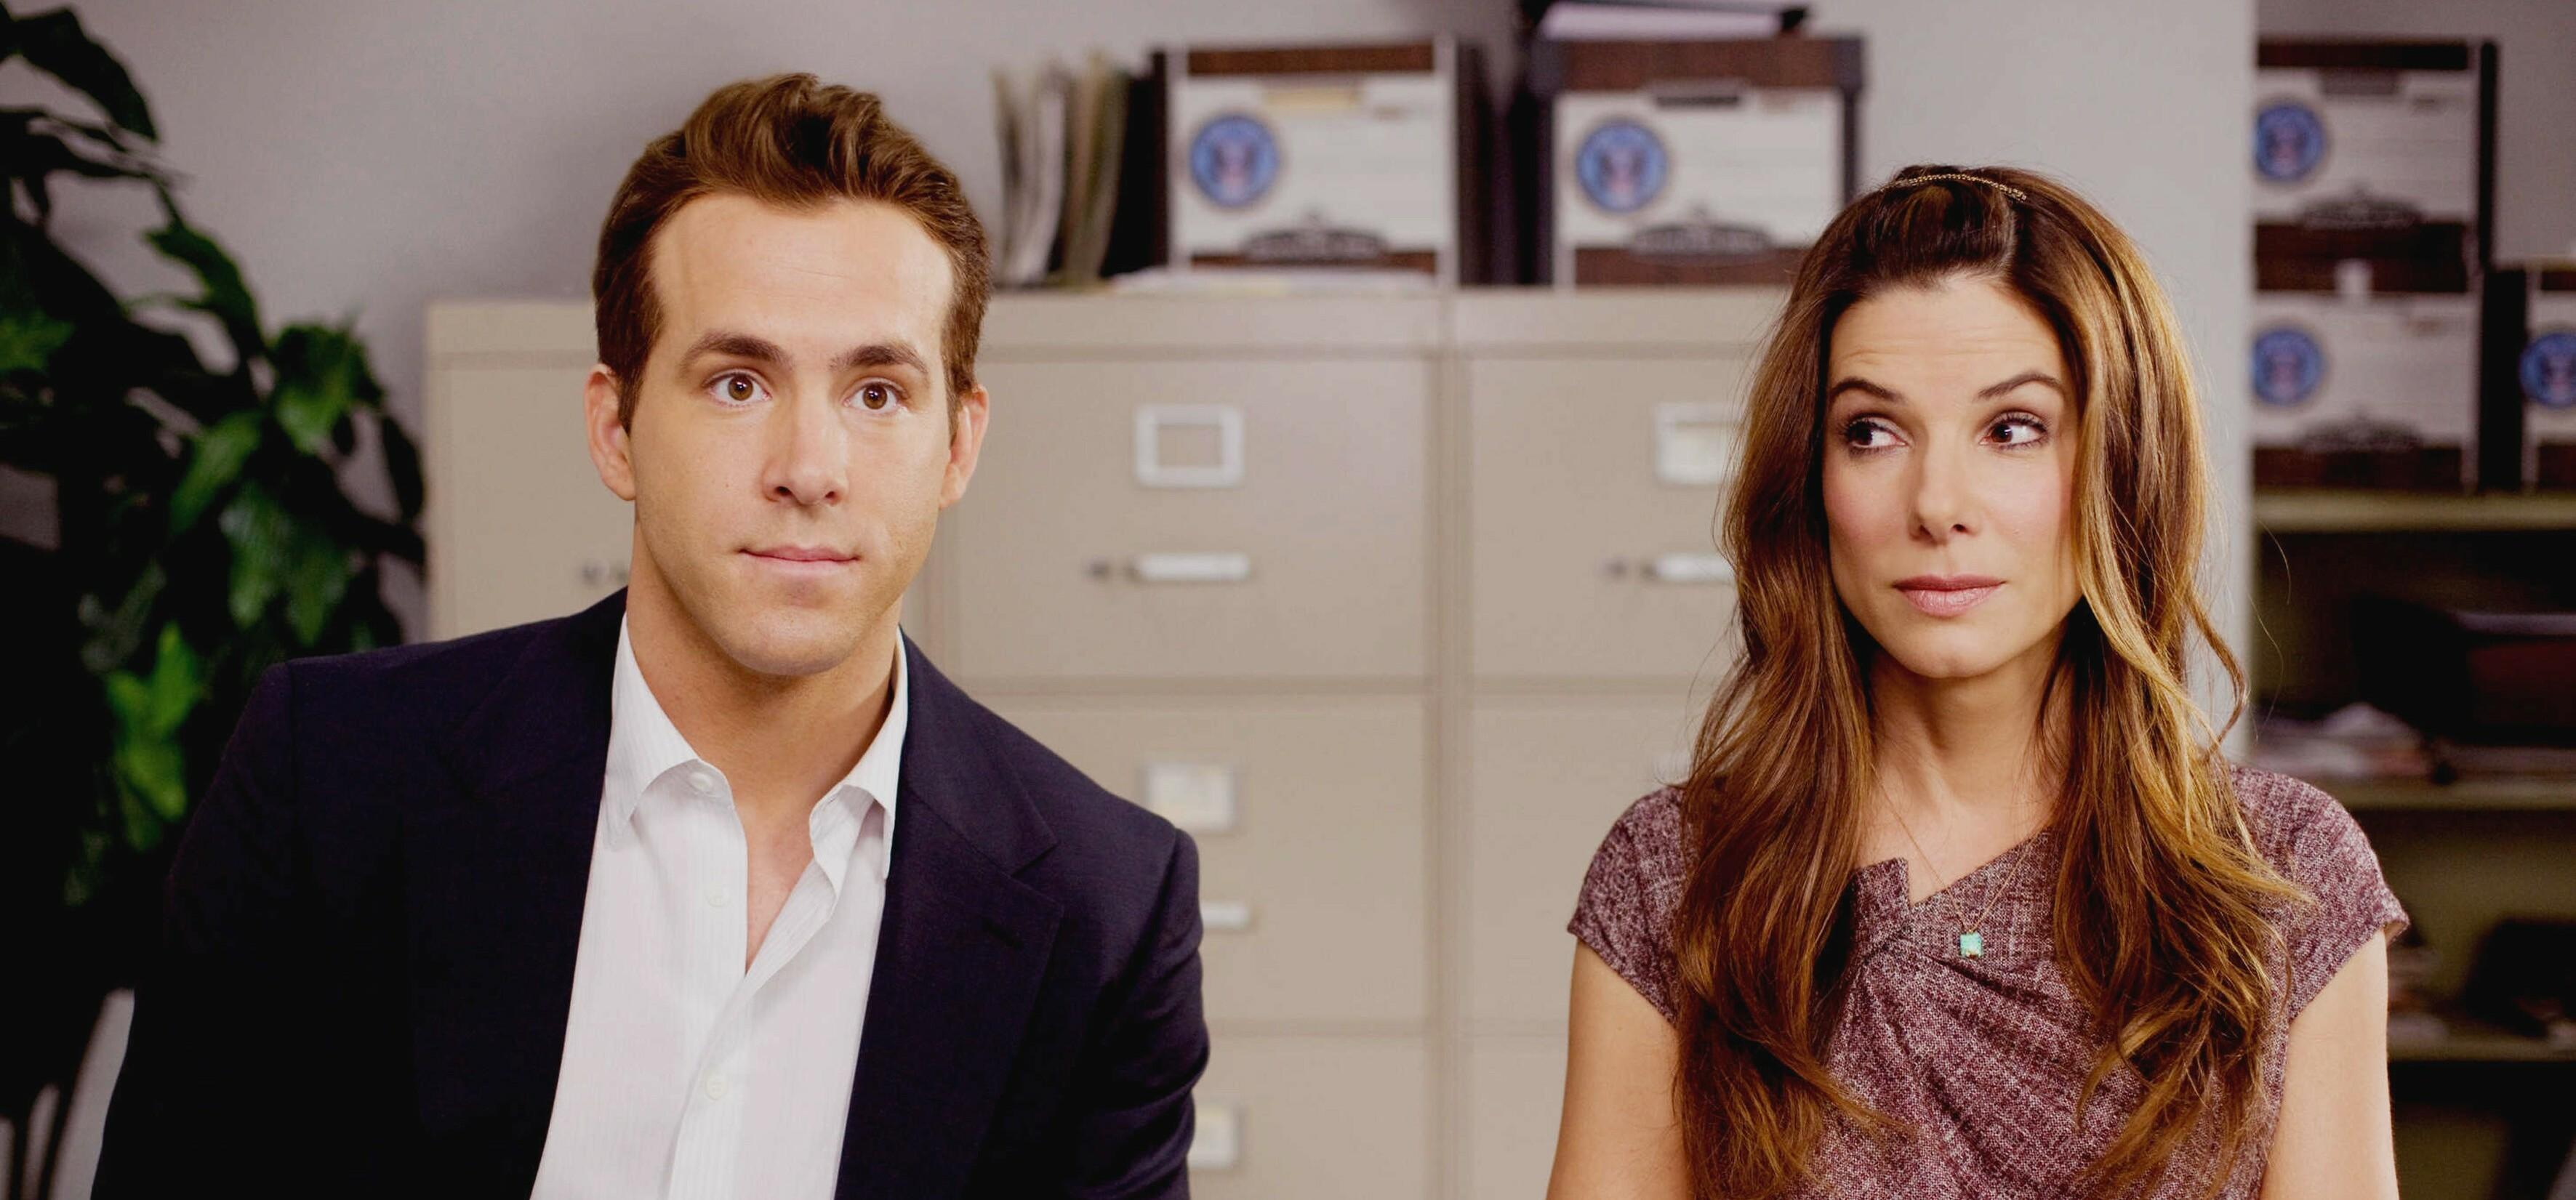 Újra közös filmben fog szerepelni Sandra Bullock és Ryan Reynolds?